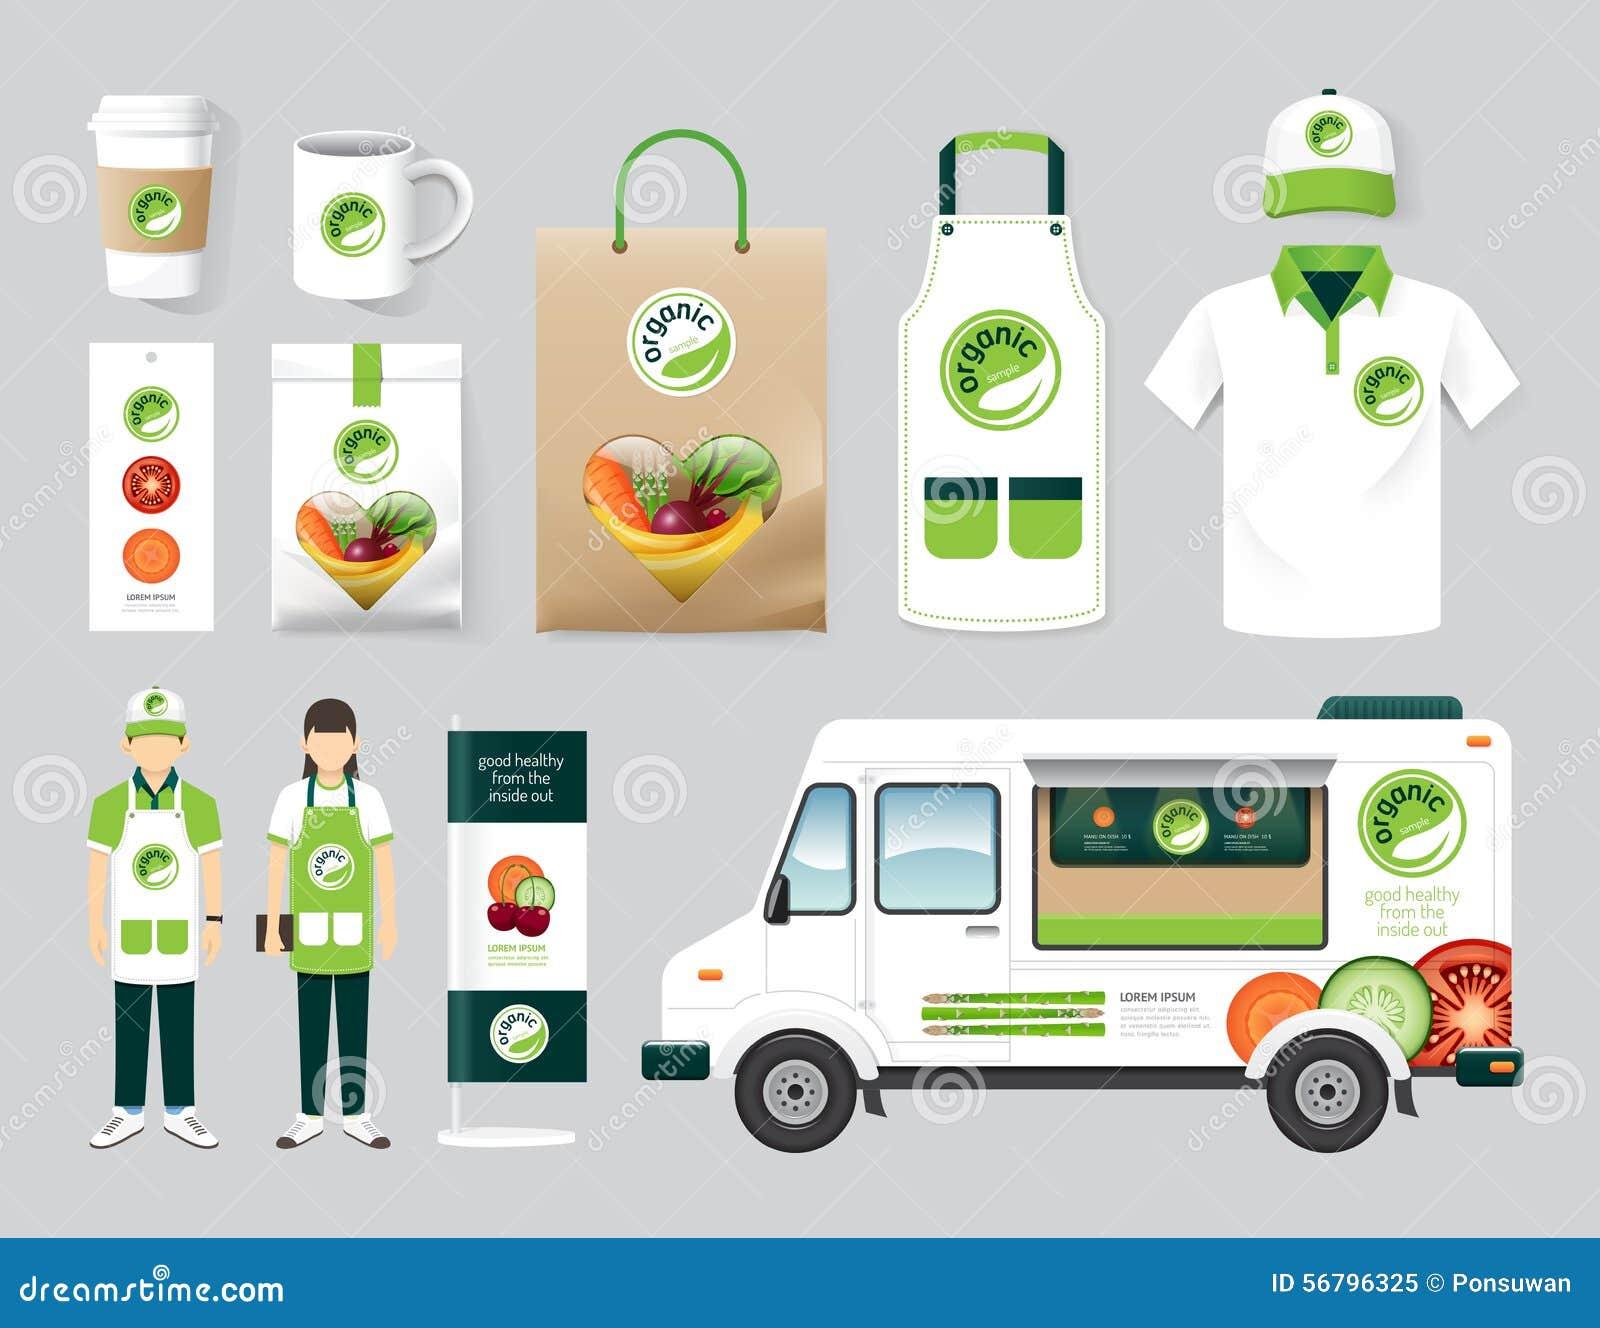 All Organic Food Truck